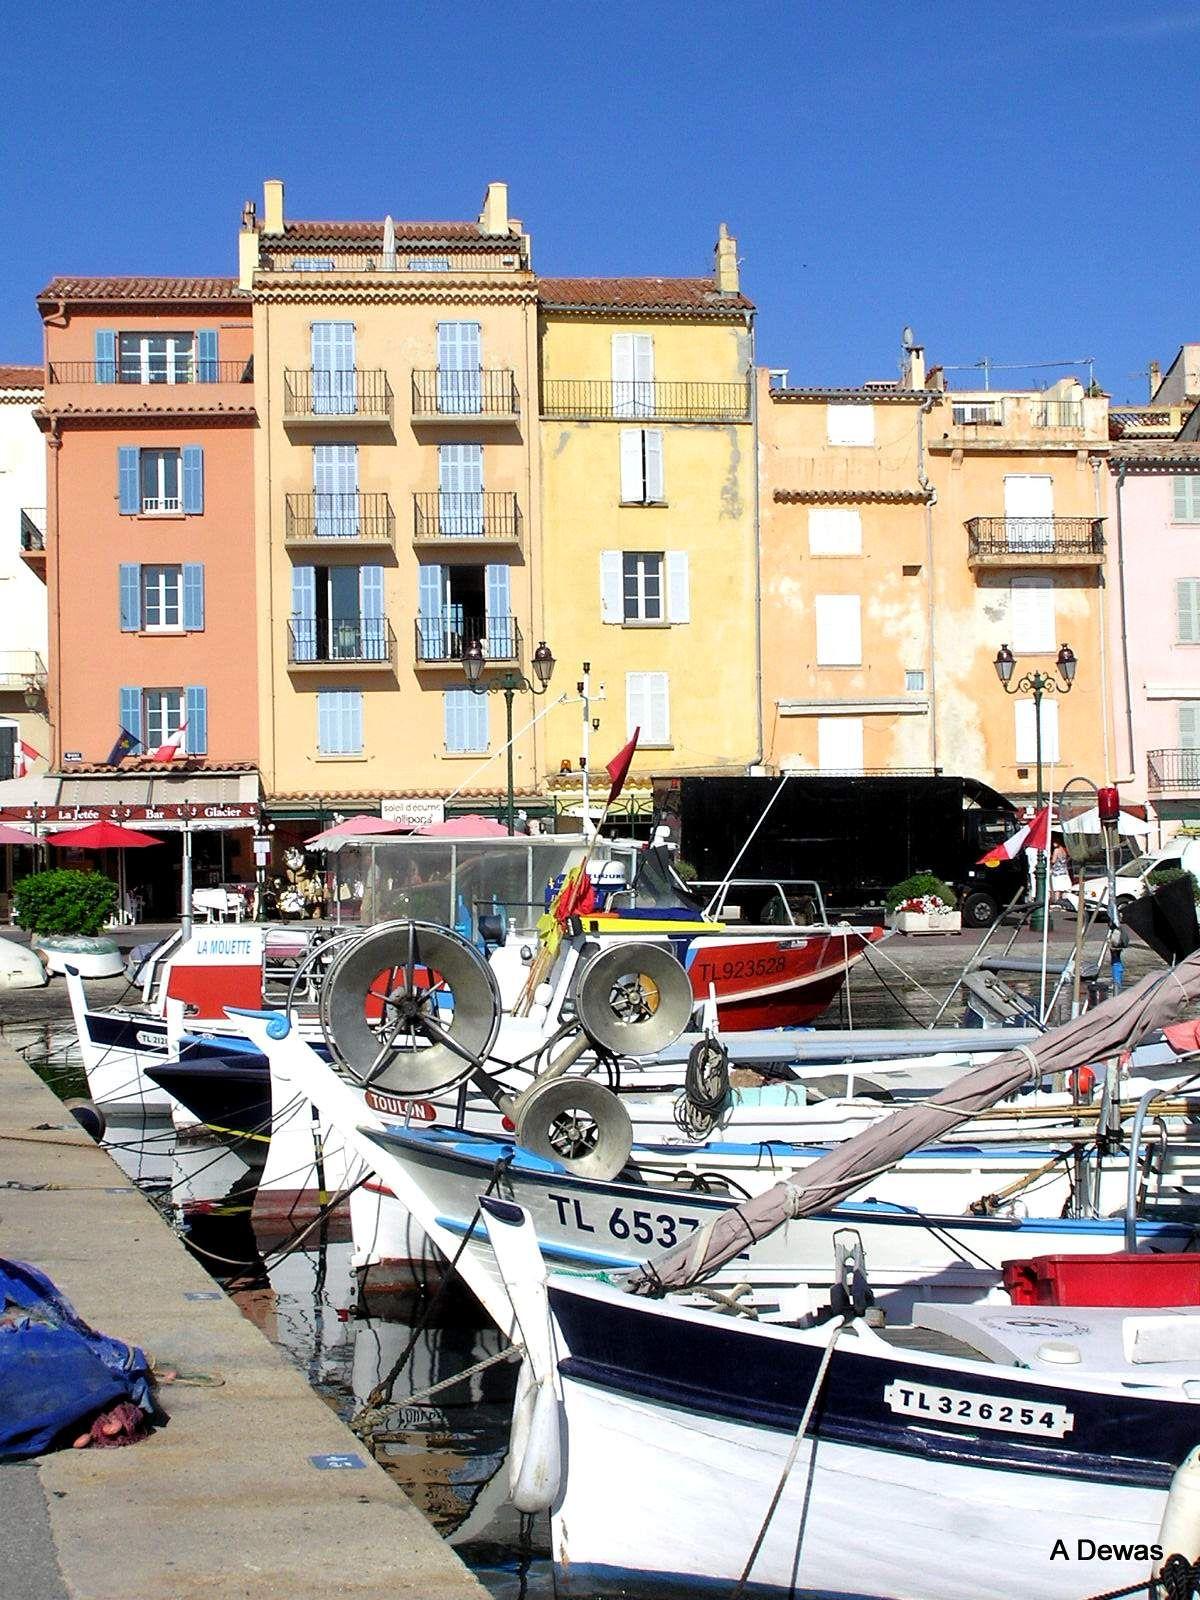 Saint-Tropez is a Provençal town,  in the Var department of the Provence-Alpes-Côte d'Azur